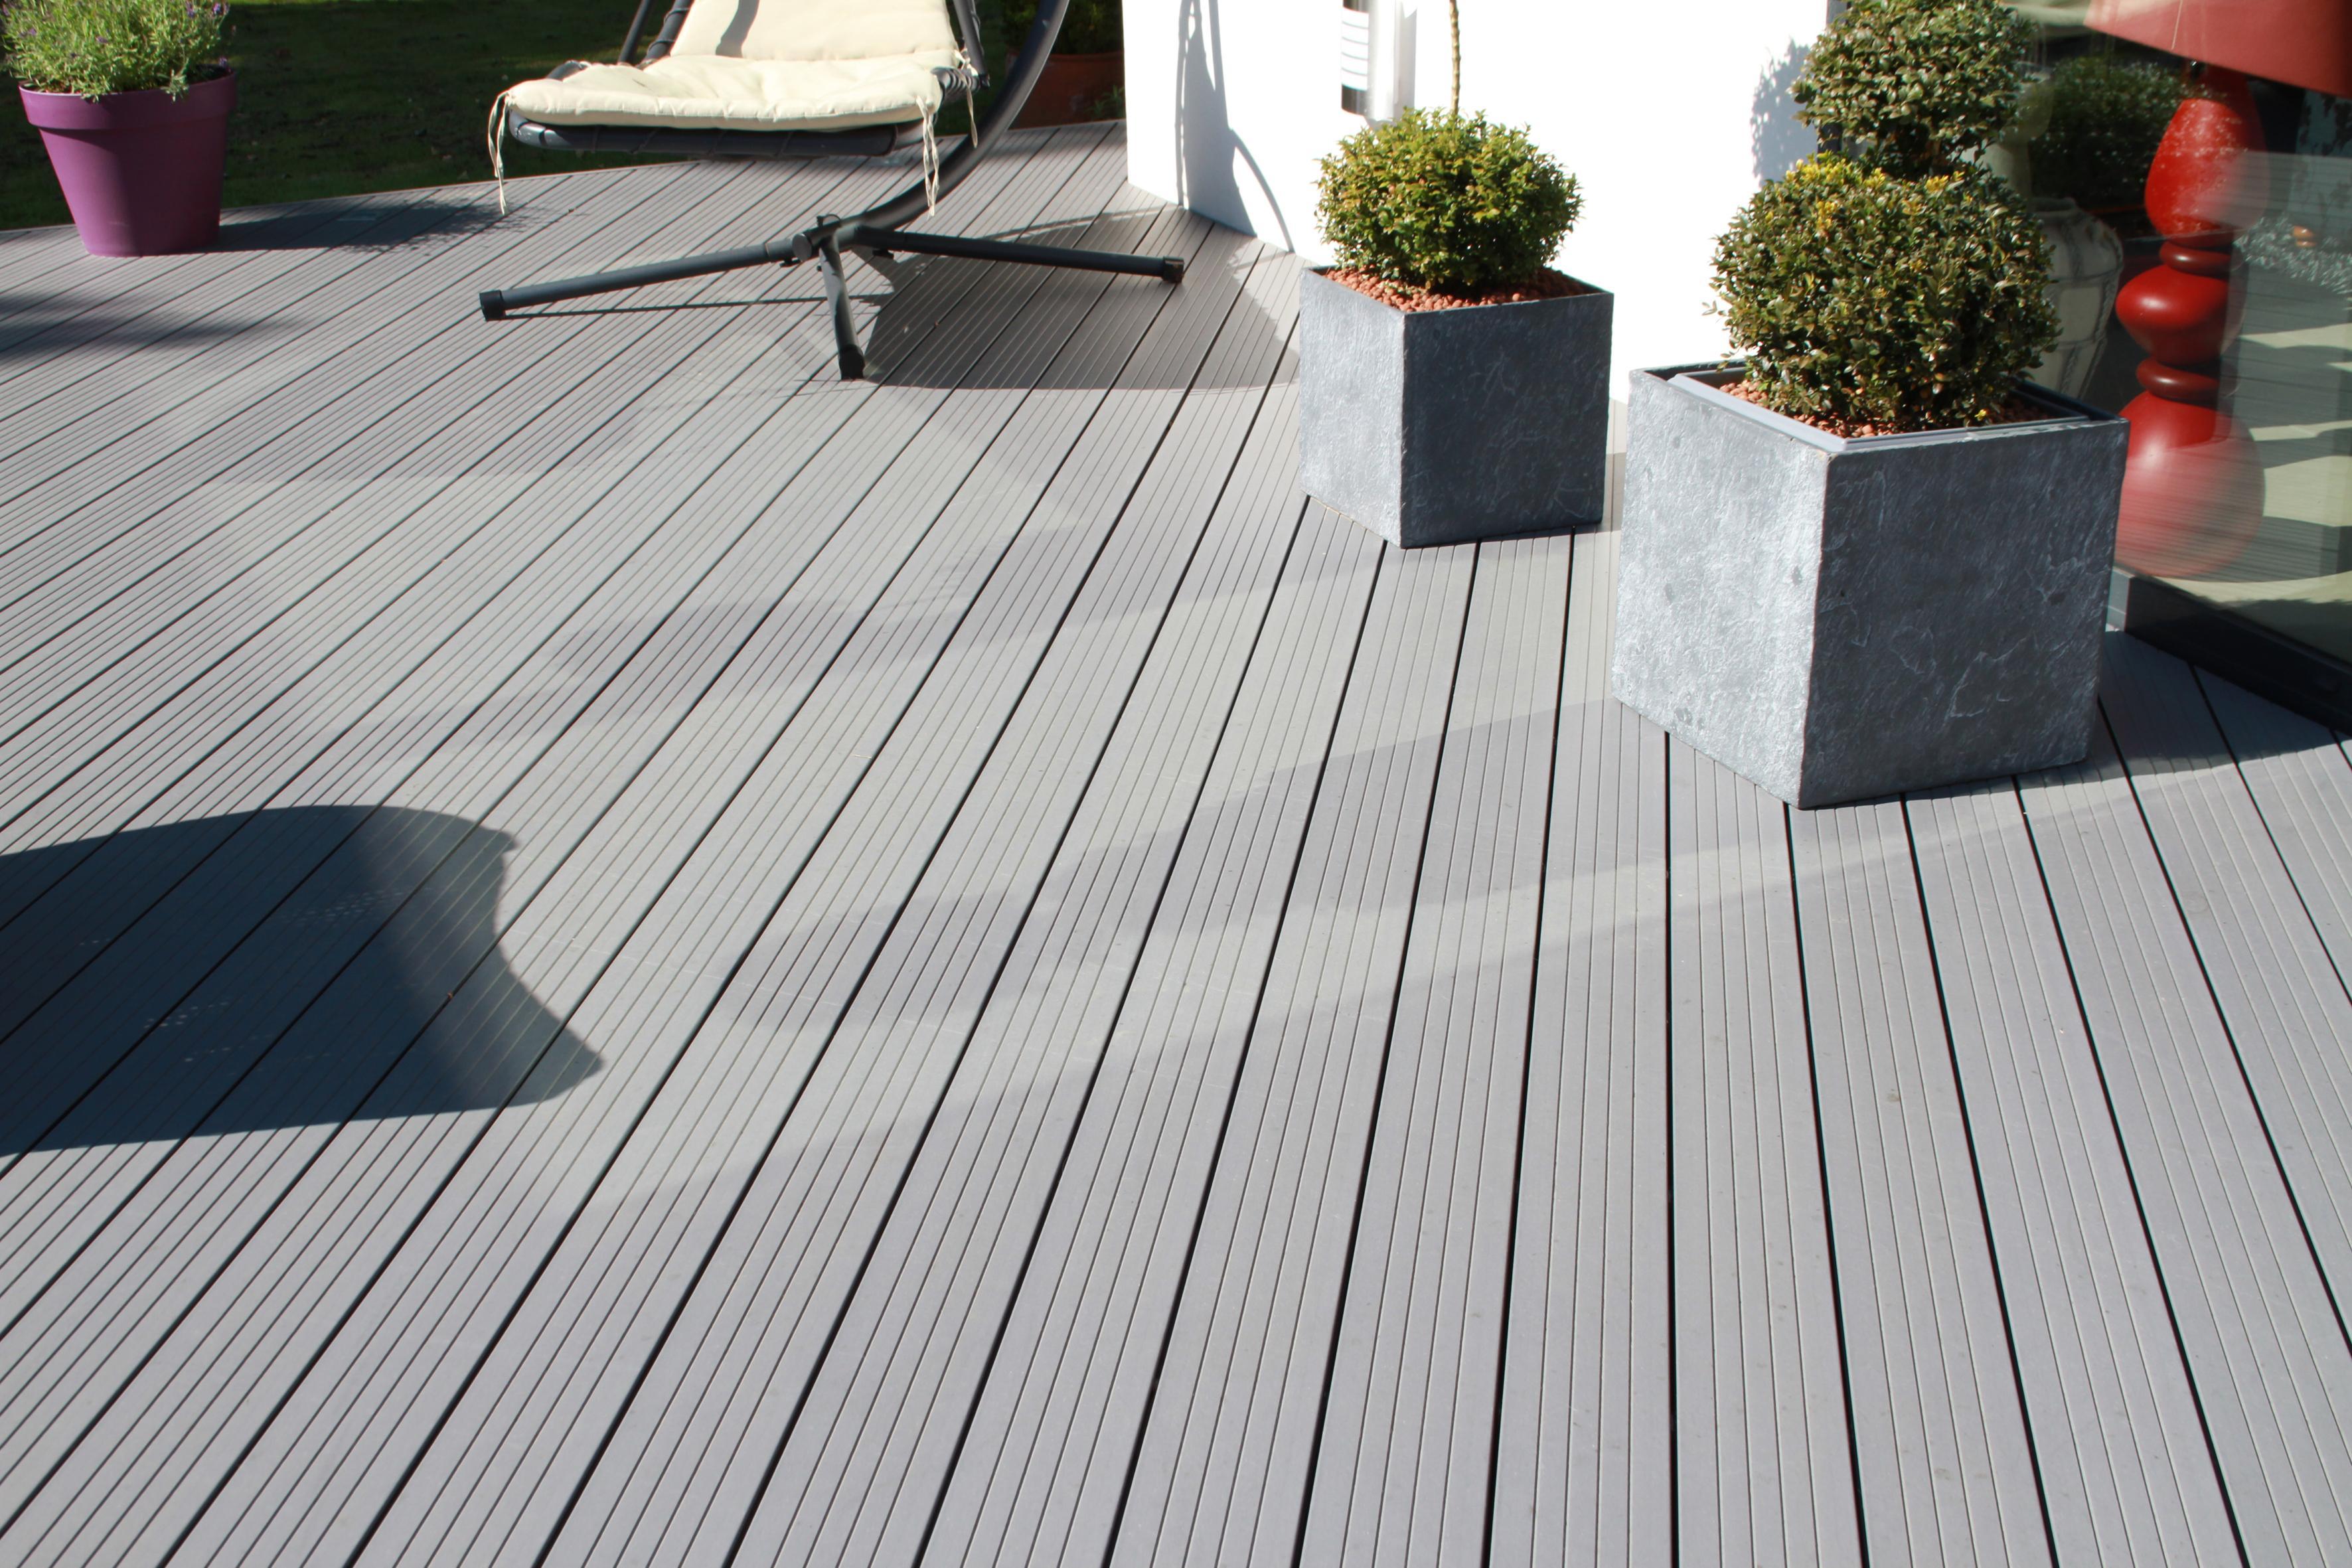 Terrasse bois composite gris prix nos conseils for Prix d une terrasse bois